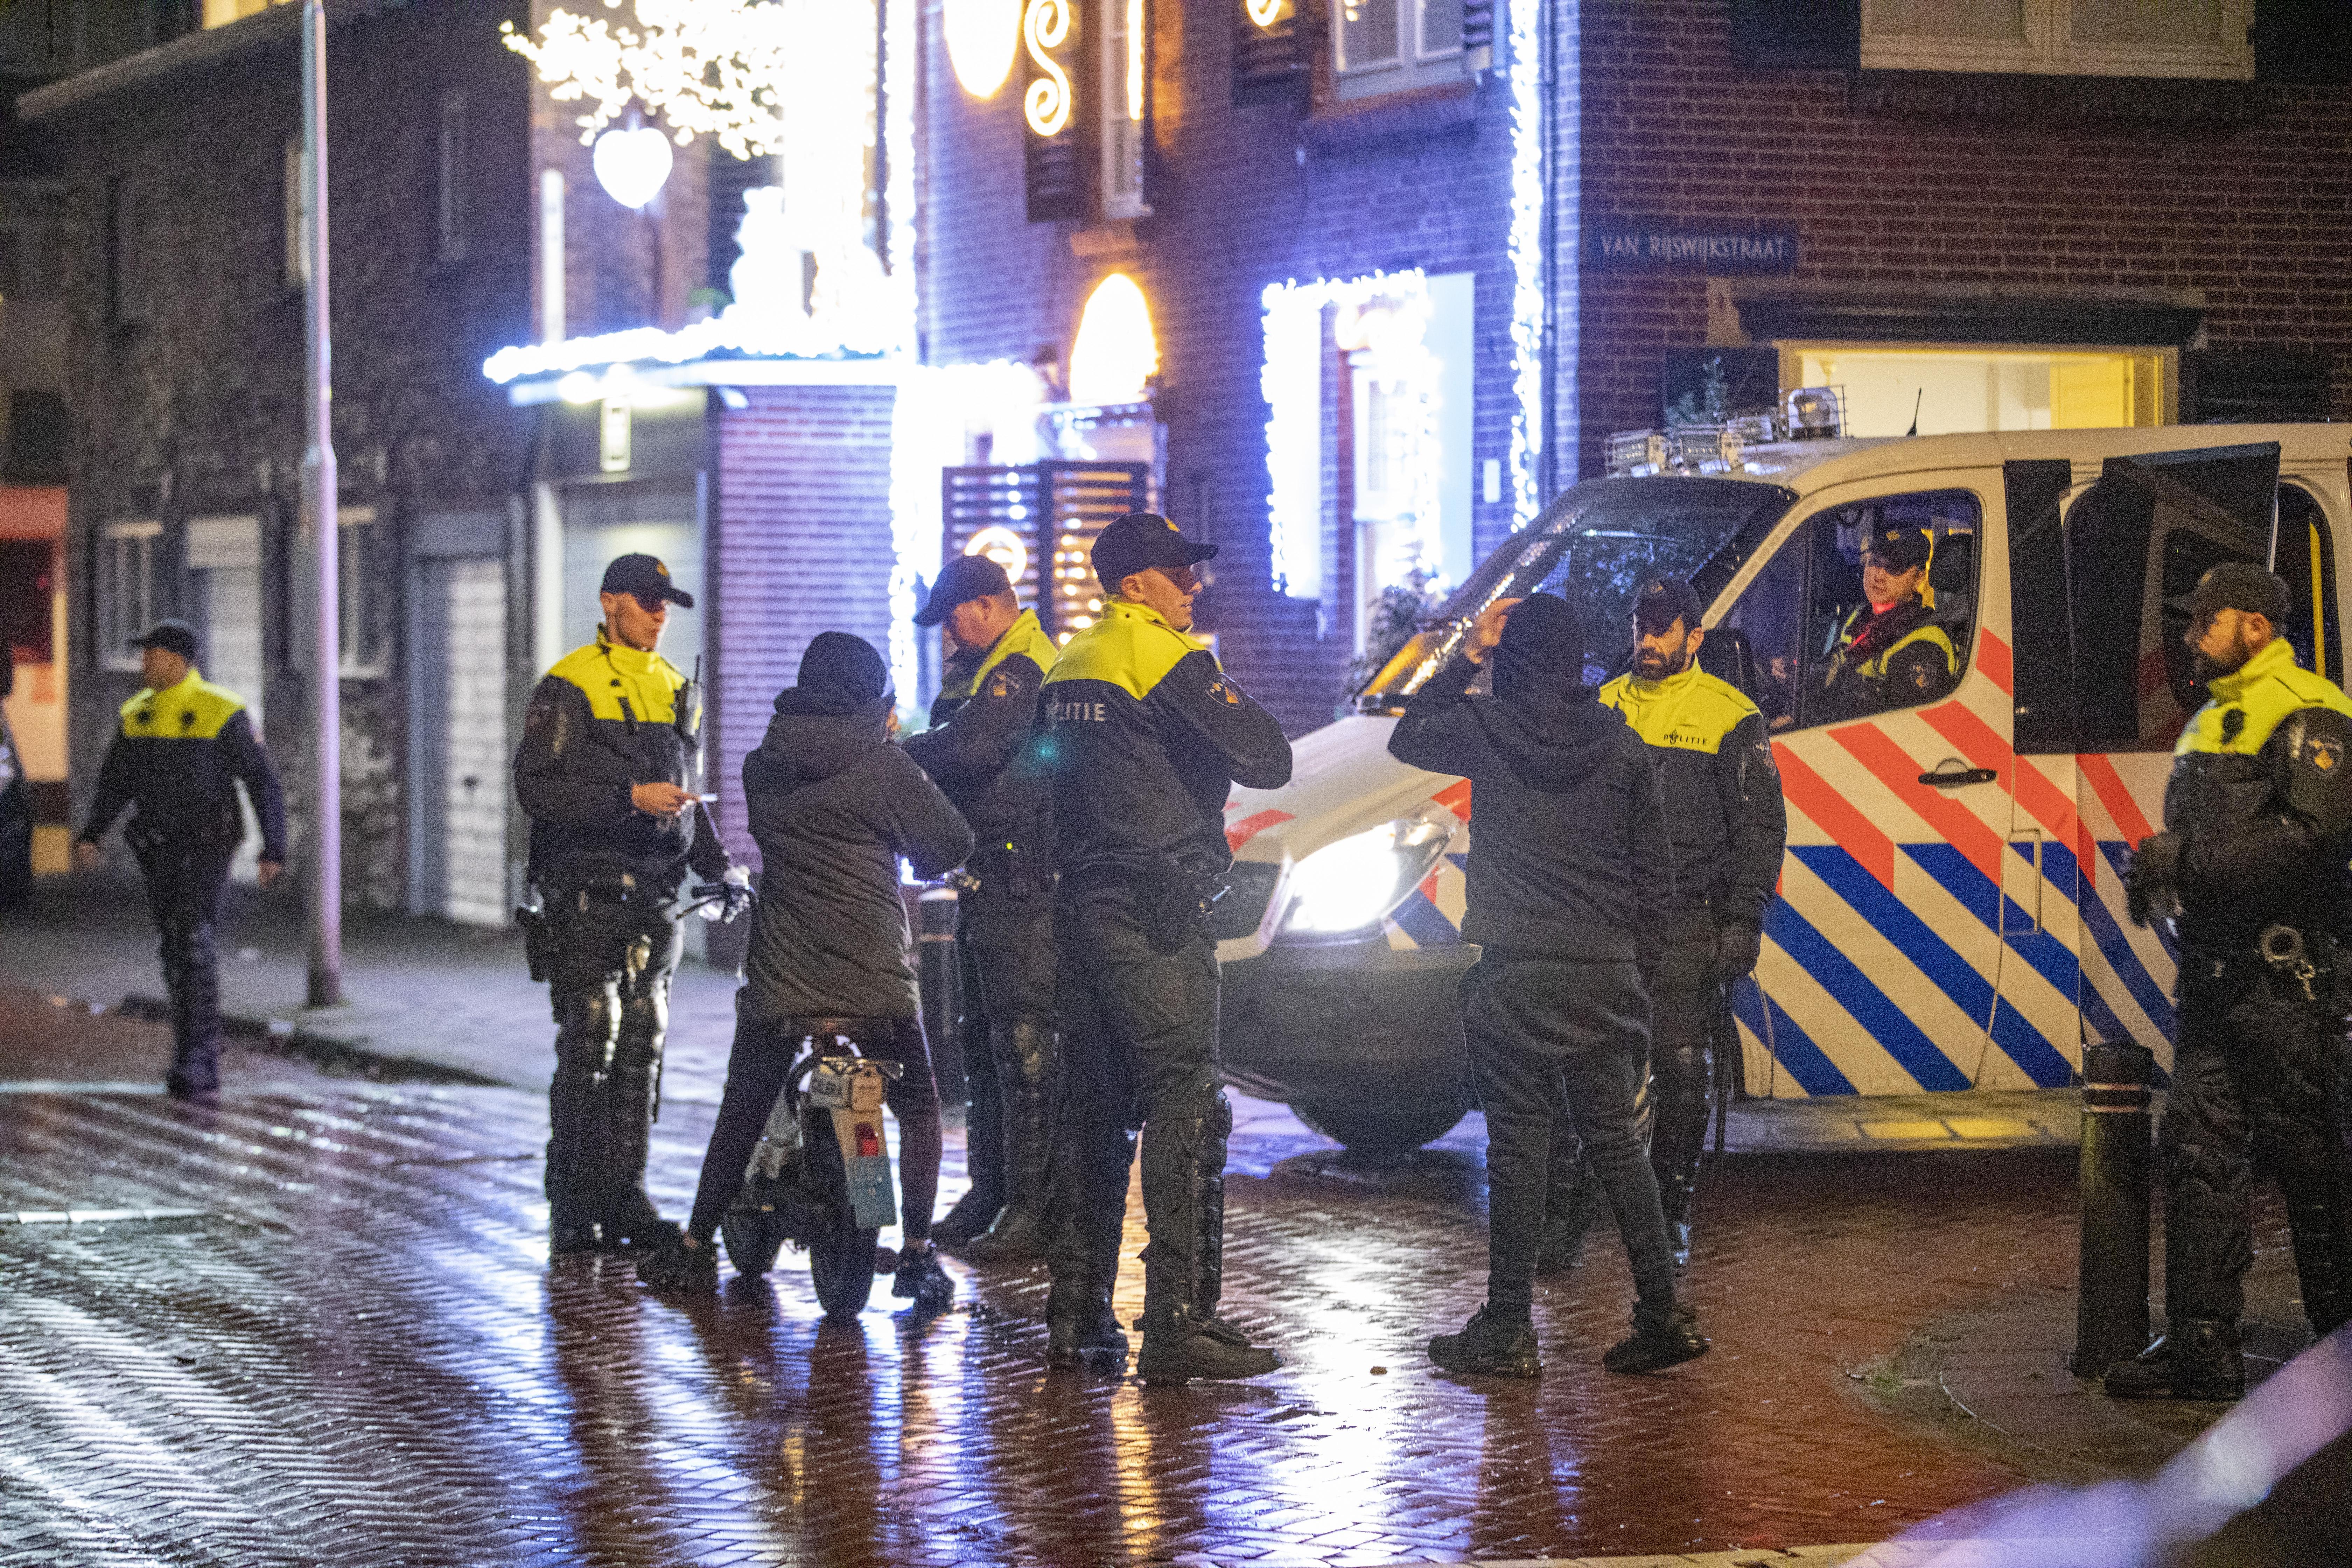 Oliebollen, liederen en kerstversieringen: Velsen-Noorders zetten zich massaal in voor bewoners De Schulpen in Velsen-Noord